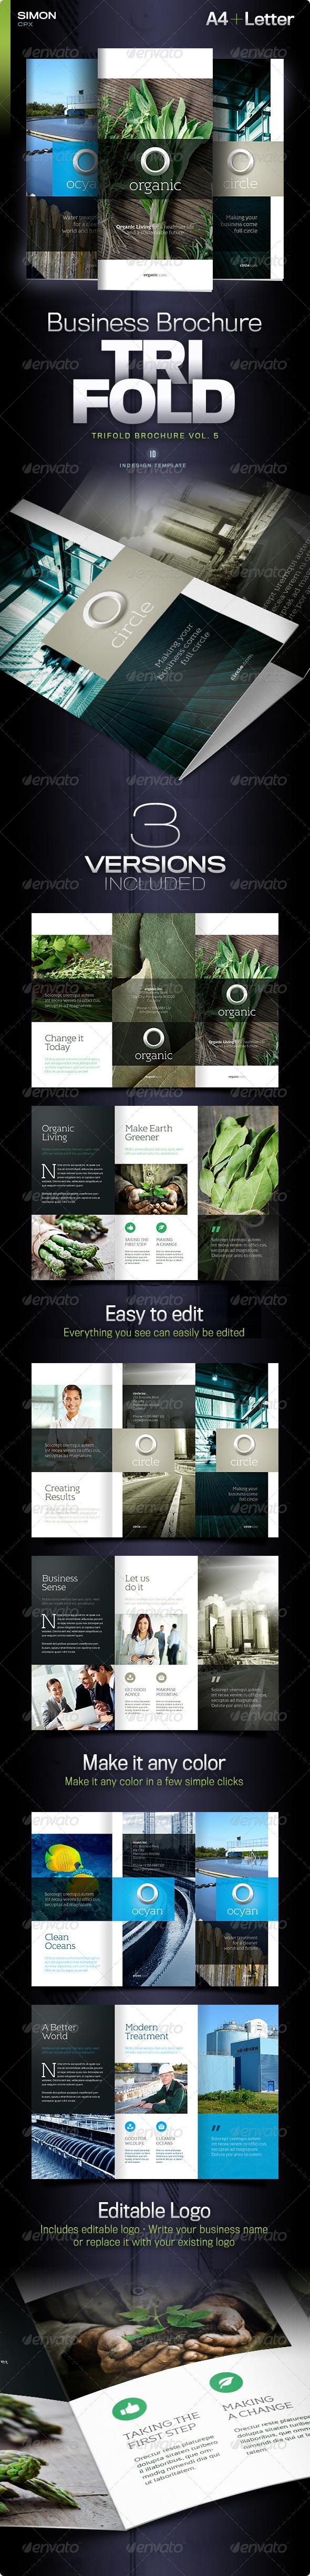 GraphicRiver Trifold Brochure Vol 5 5895764